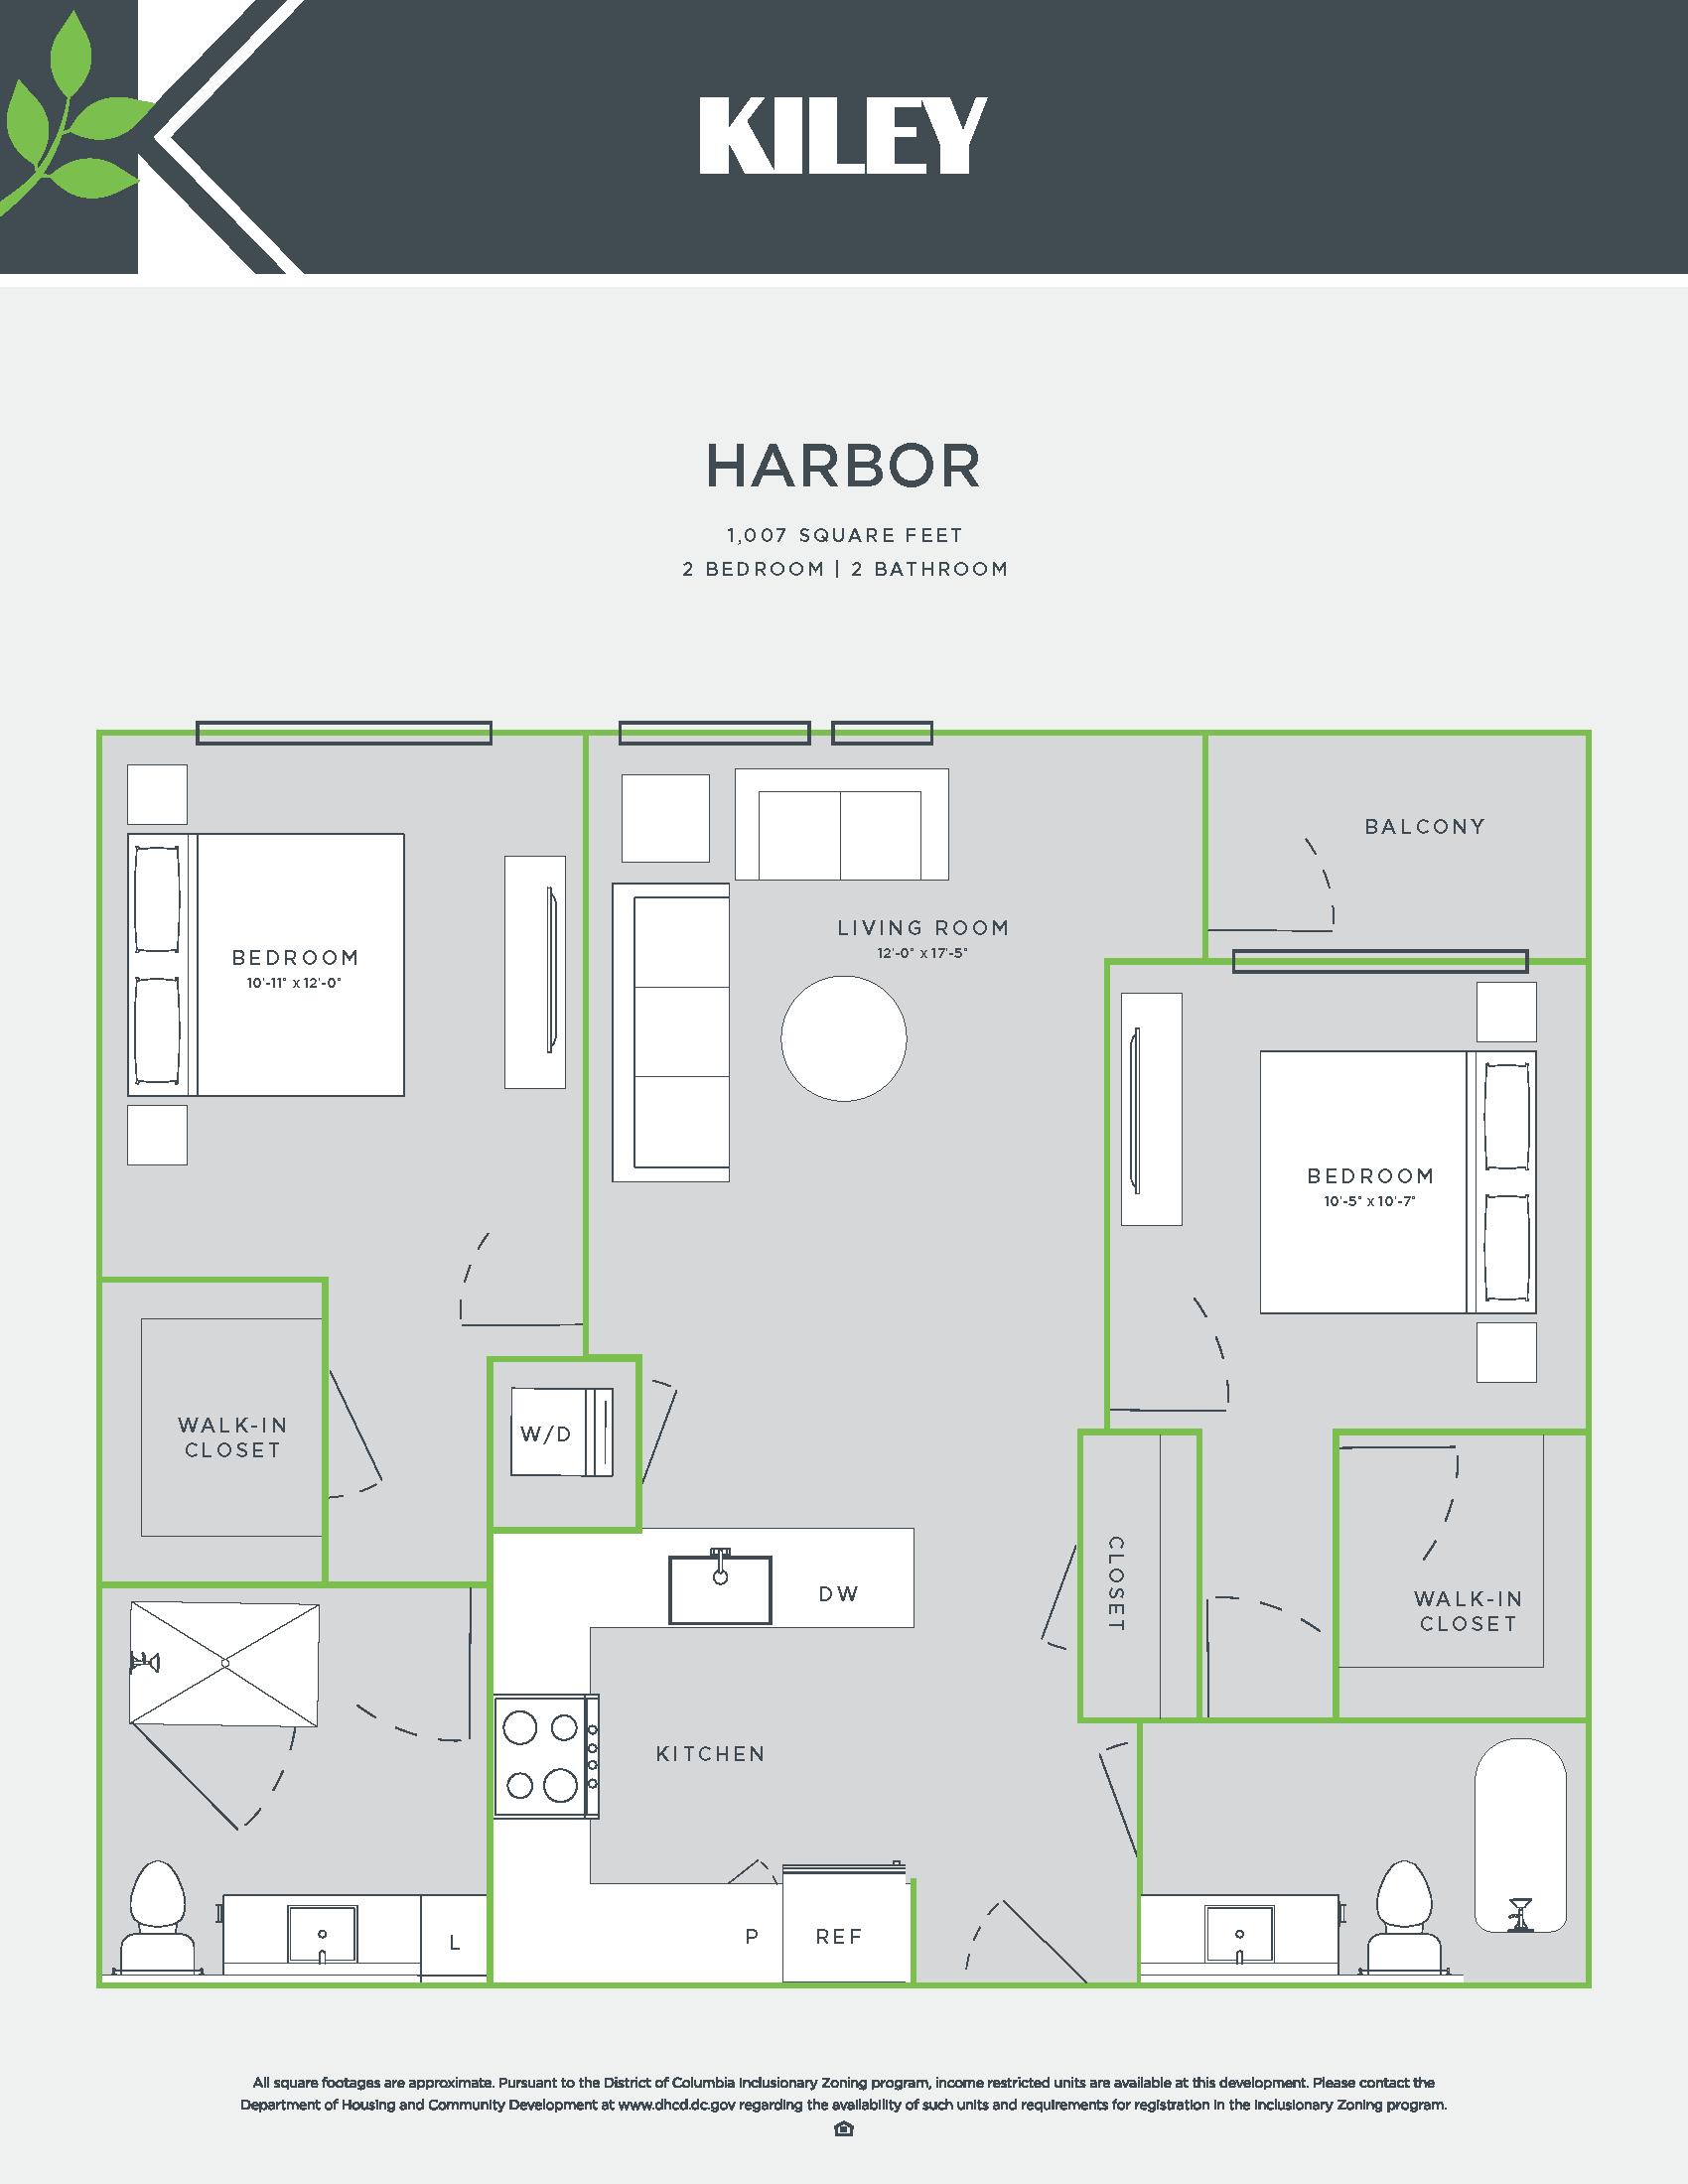 Harbor (2 bed /2 bath) Floor Plan